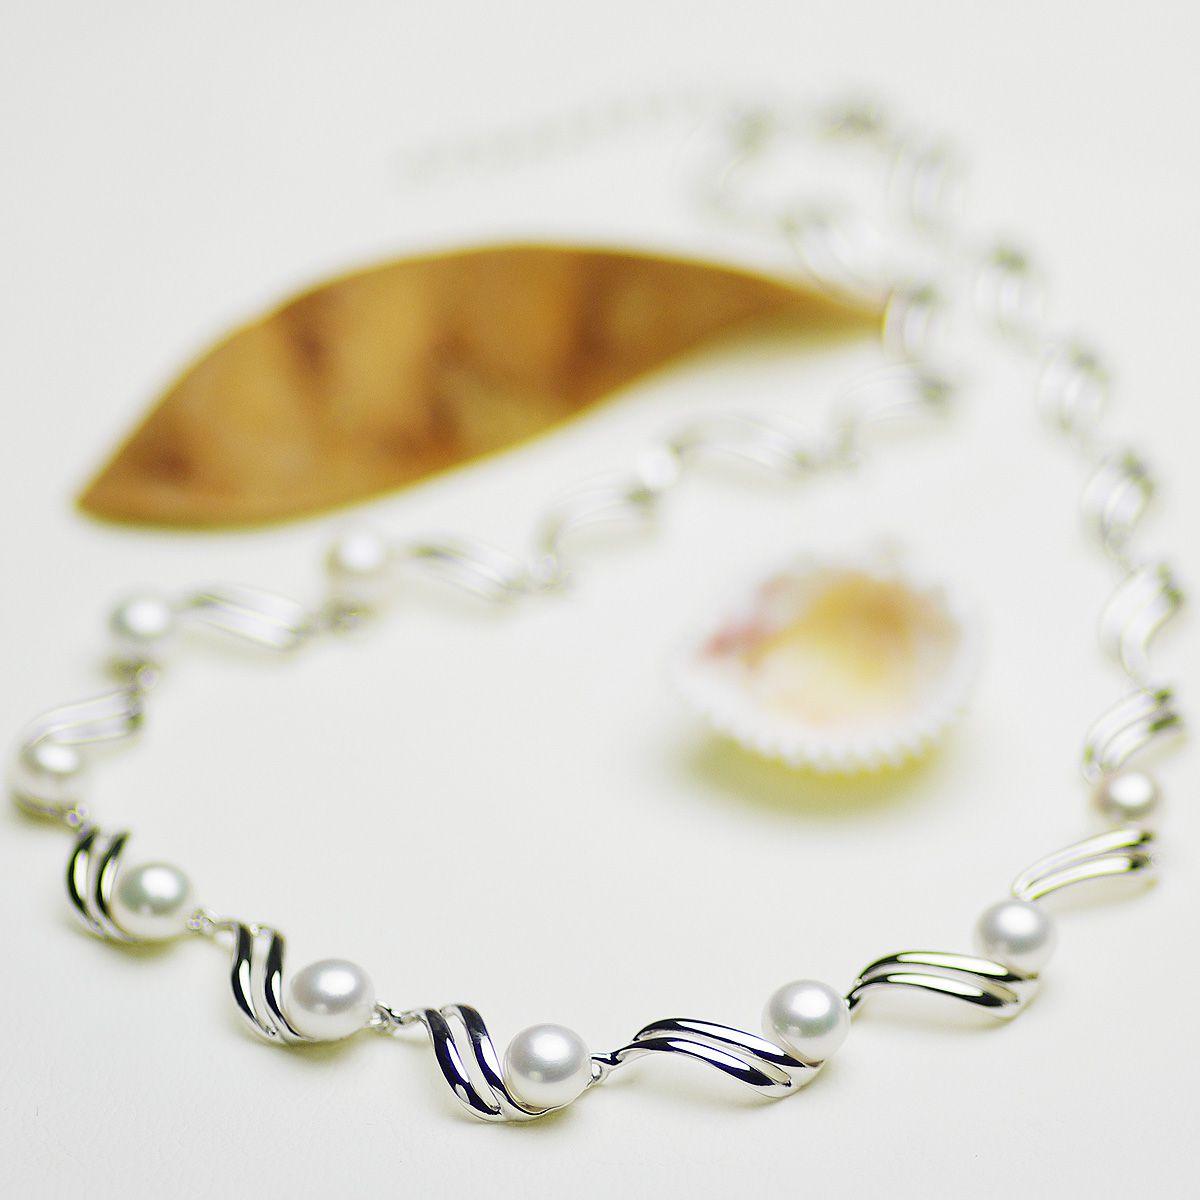 高級淡水真珠オリジナルデザインネックレス 約6.5-7.0mmの写真